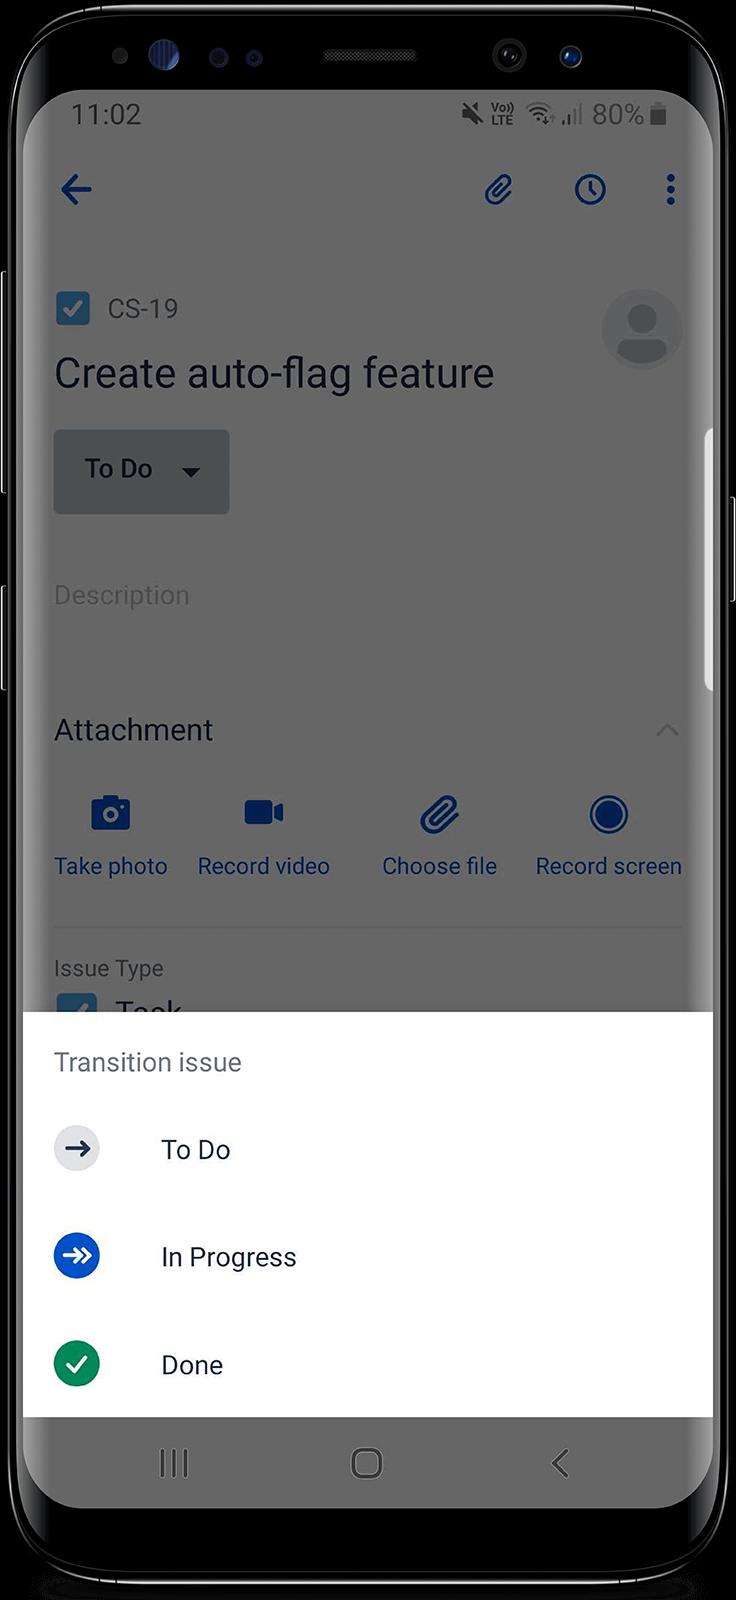 Menú desplegable abierto en la aplicación móvil de Jira Cloud